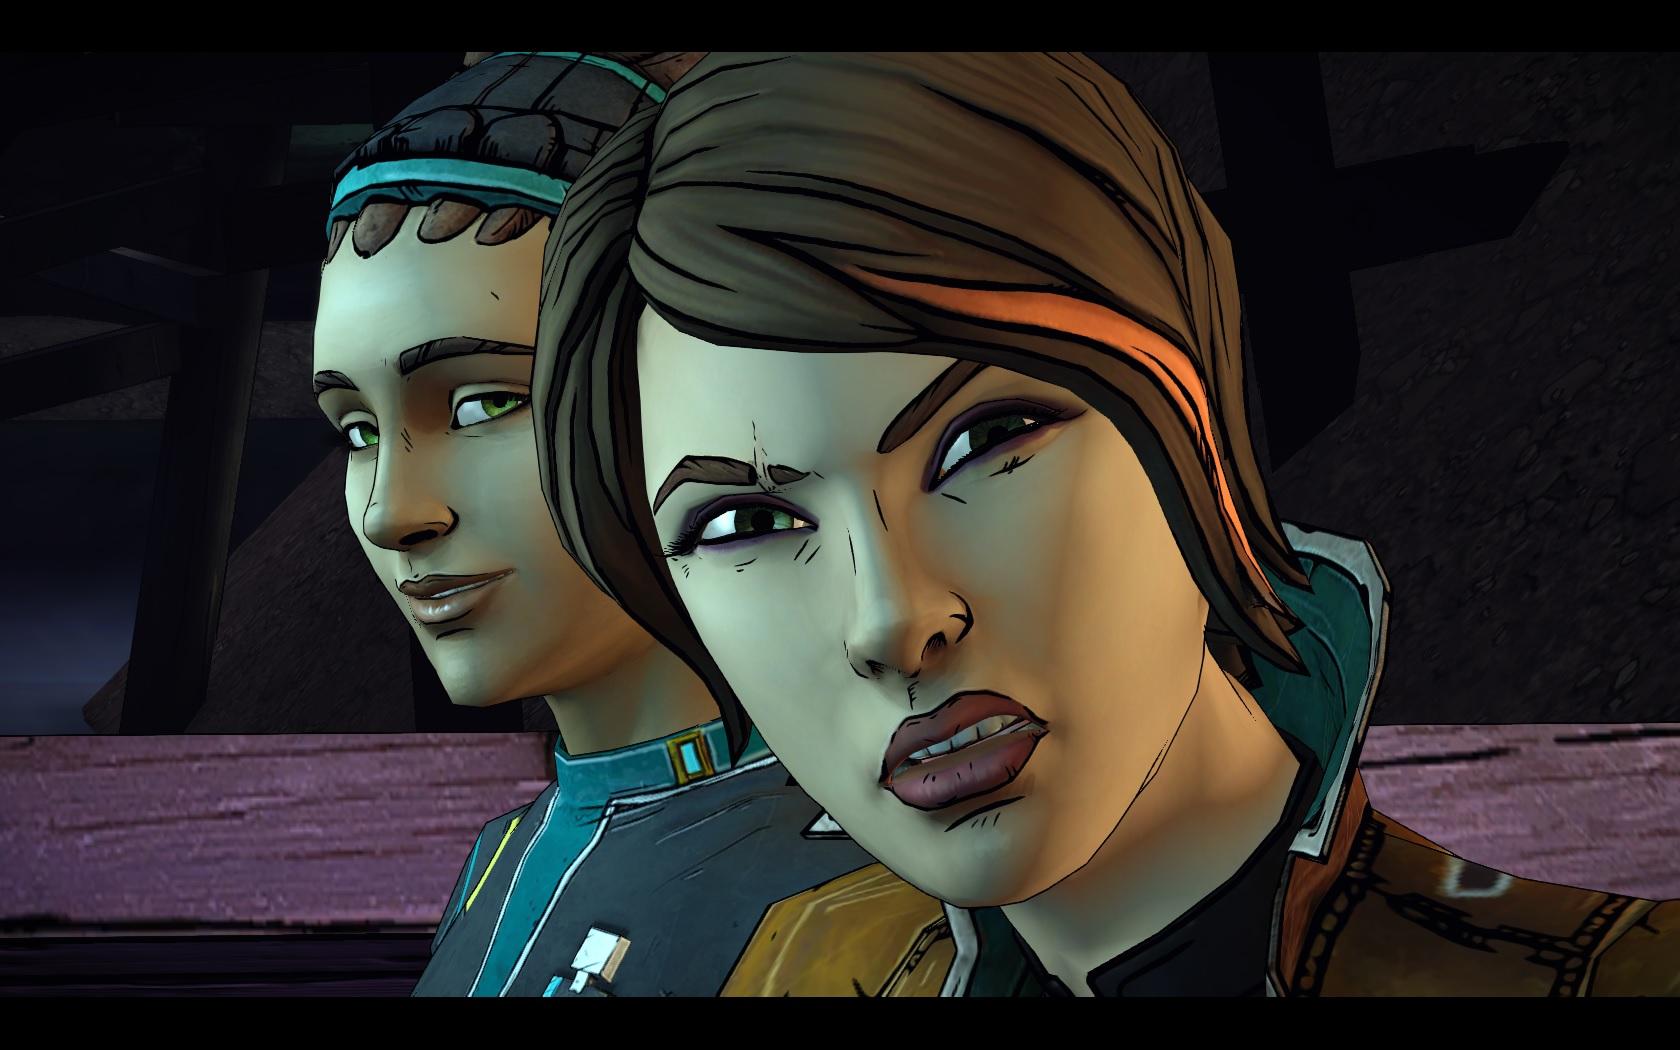 In den Filmsequenzen sehen die Gesichtsanimationen und Charaktermodelle super aus... (Fiona rechts im Bild)